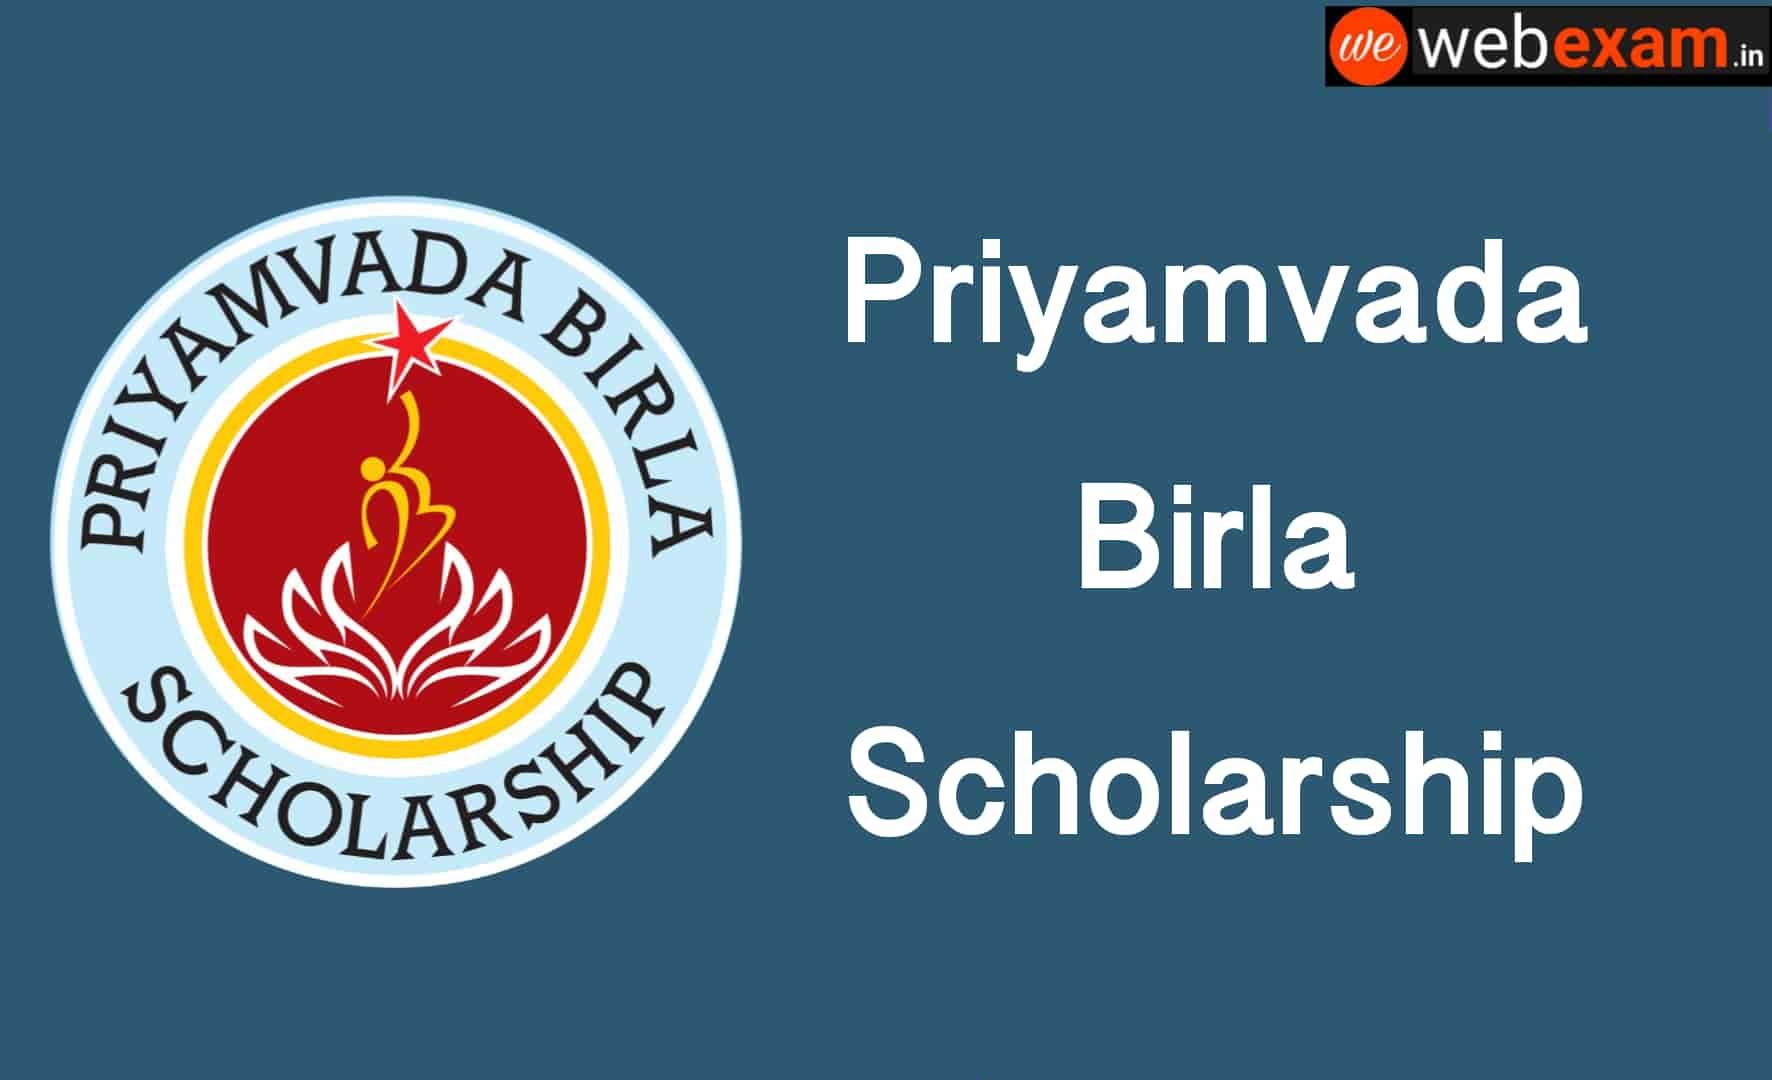 Priyamvada Birla Scholarship 2019